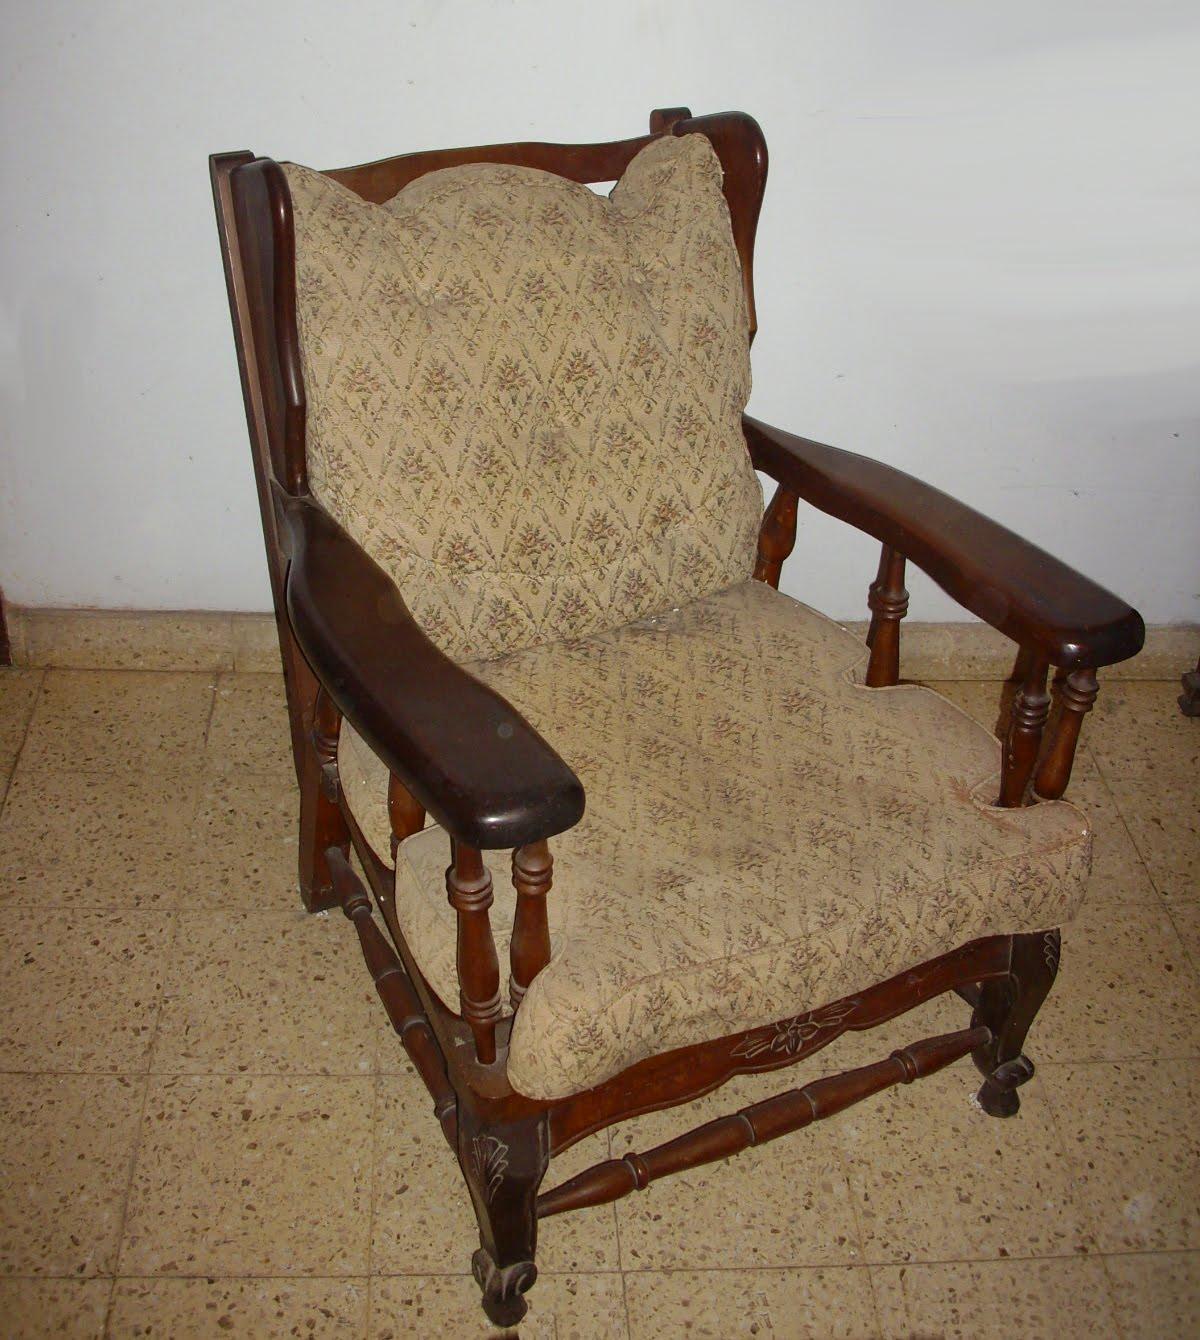 Muebles usados sillones de madera x2 for Sillones de terraza usados